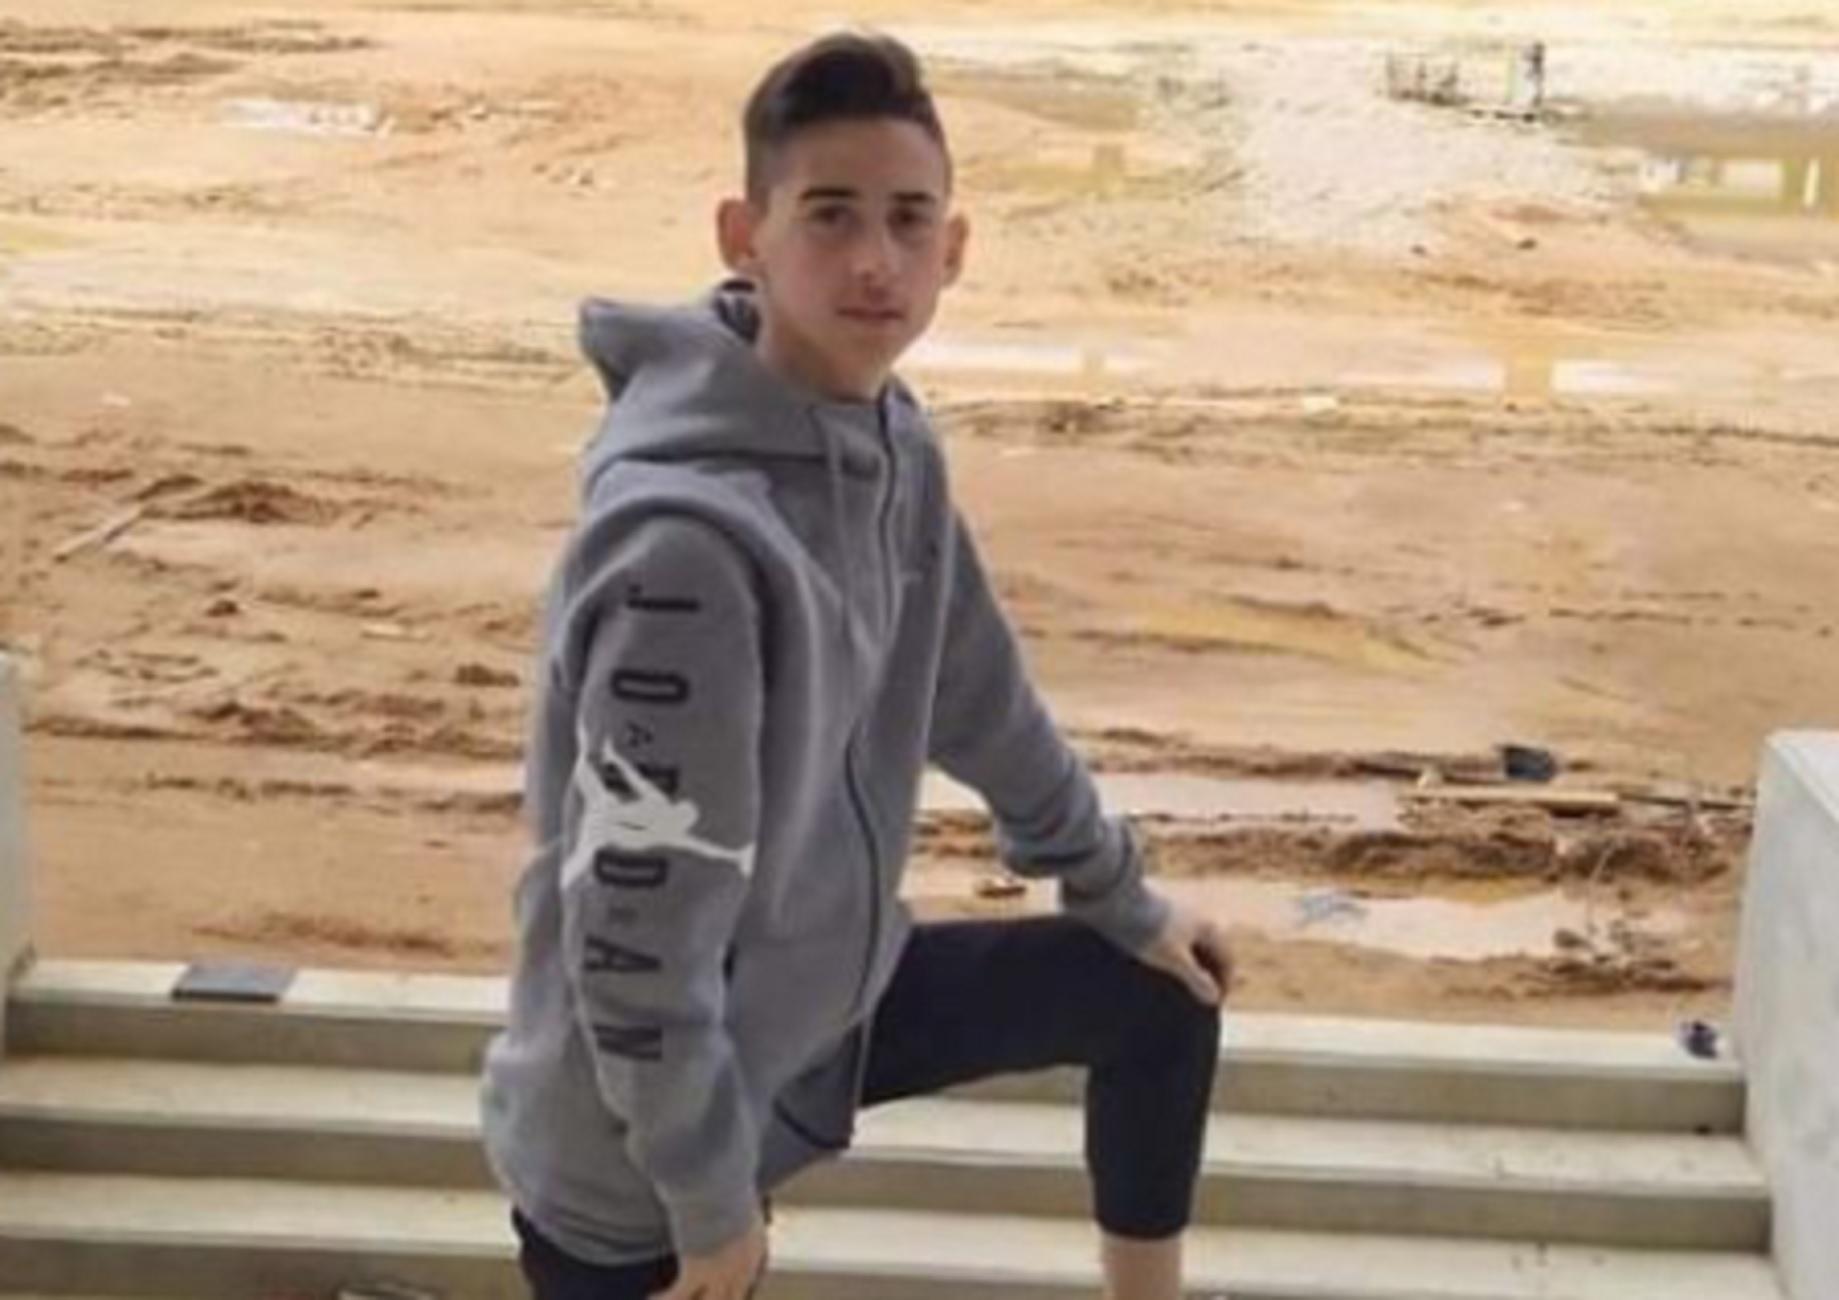 Λαμία: Σπαραγμός στην κηδεία του 15χρονου Κωνσταντίνου – Ράγισαν καρδιές από την κίνηση των συμμαθητών του